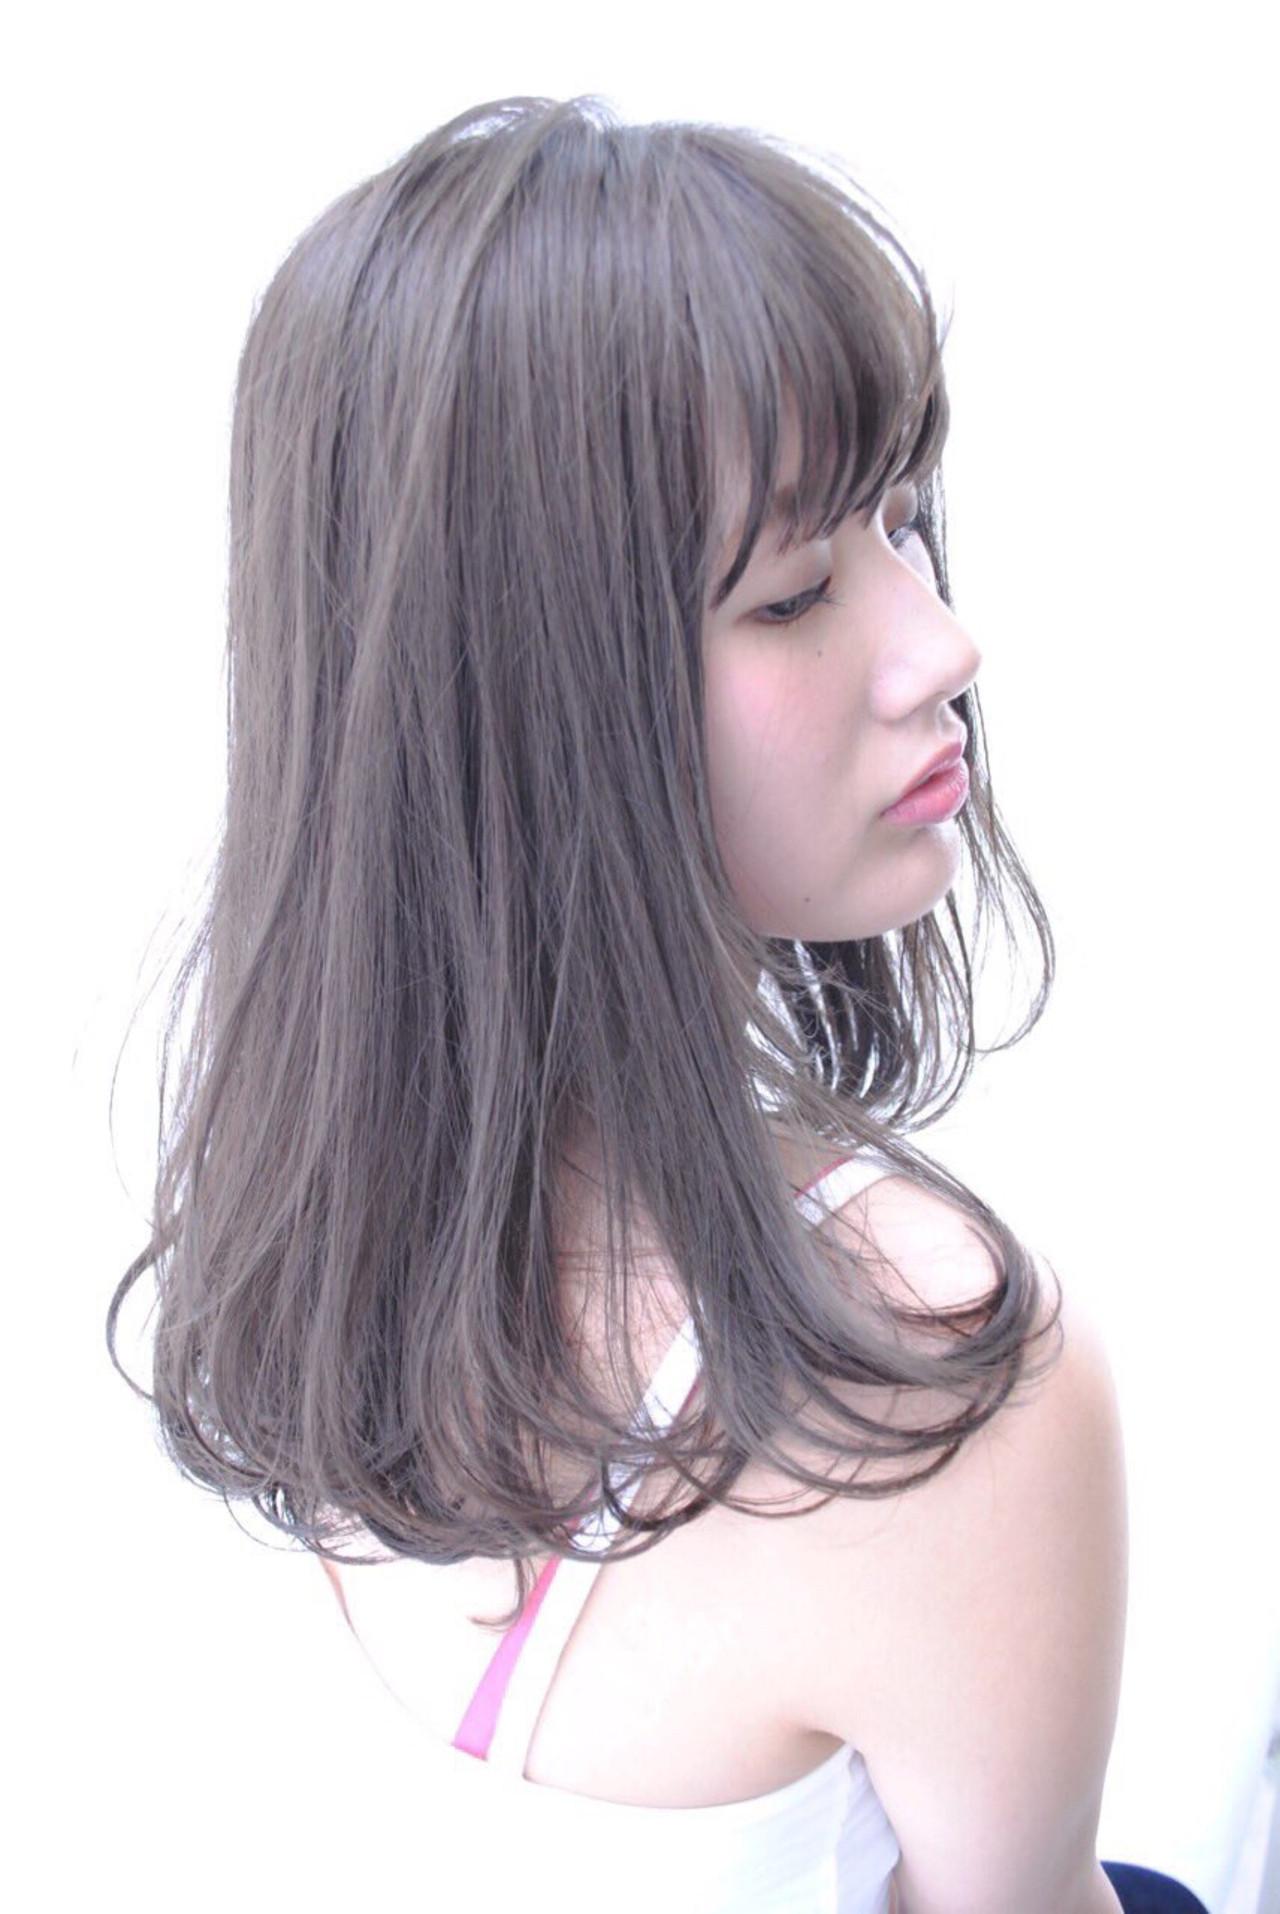 愛されモテヘア♡透明感溢れるアッシュグレージュのヘアスタイル集【2017年秋ヘアカラー】